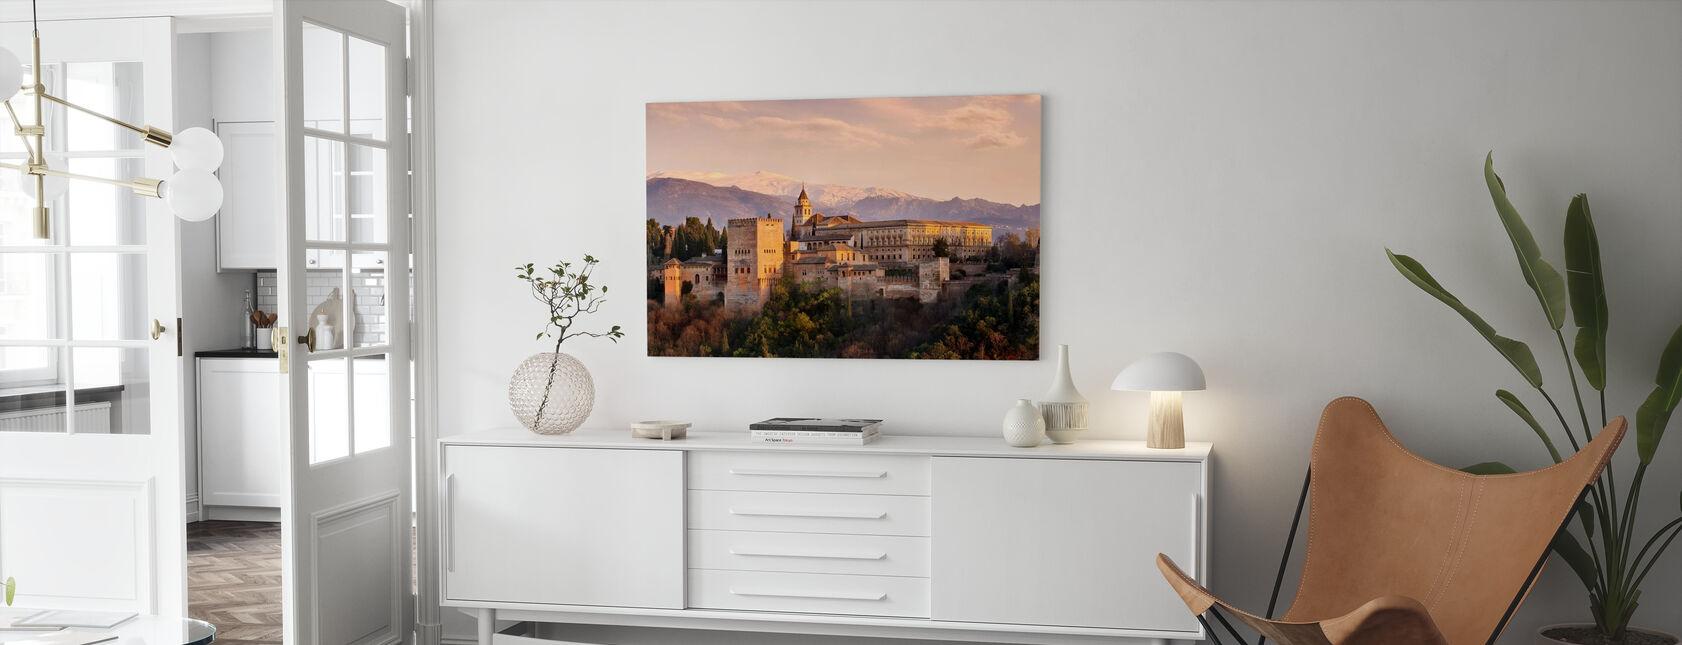 Alhambra in Granada - Leinwandbild - Wohnzimmer